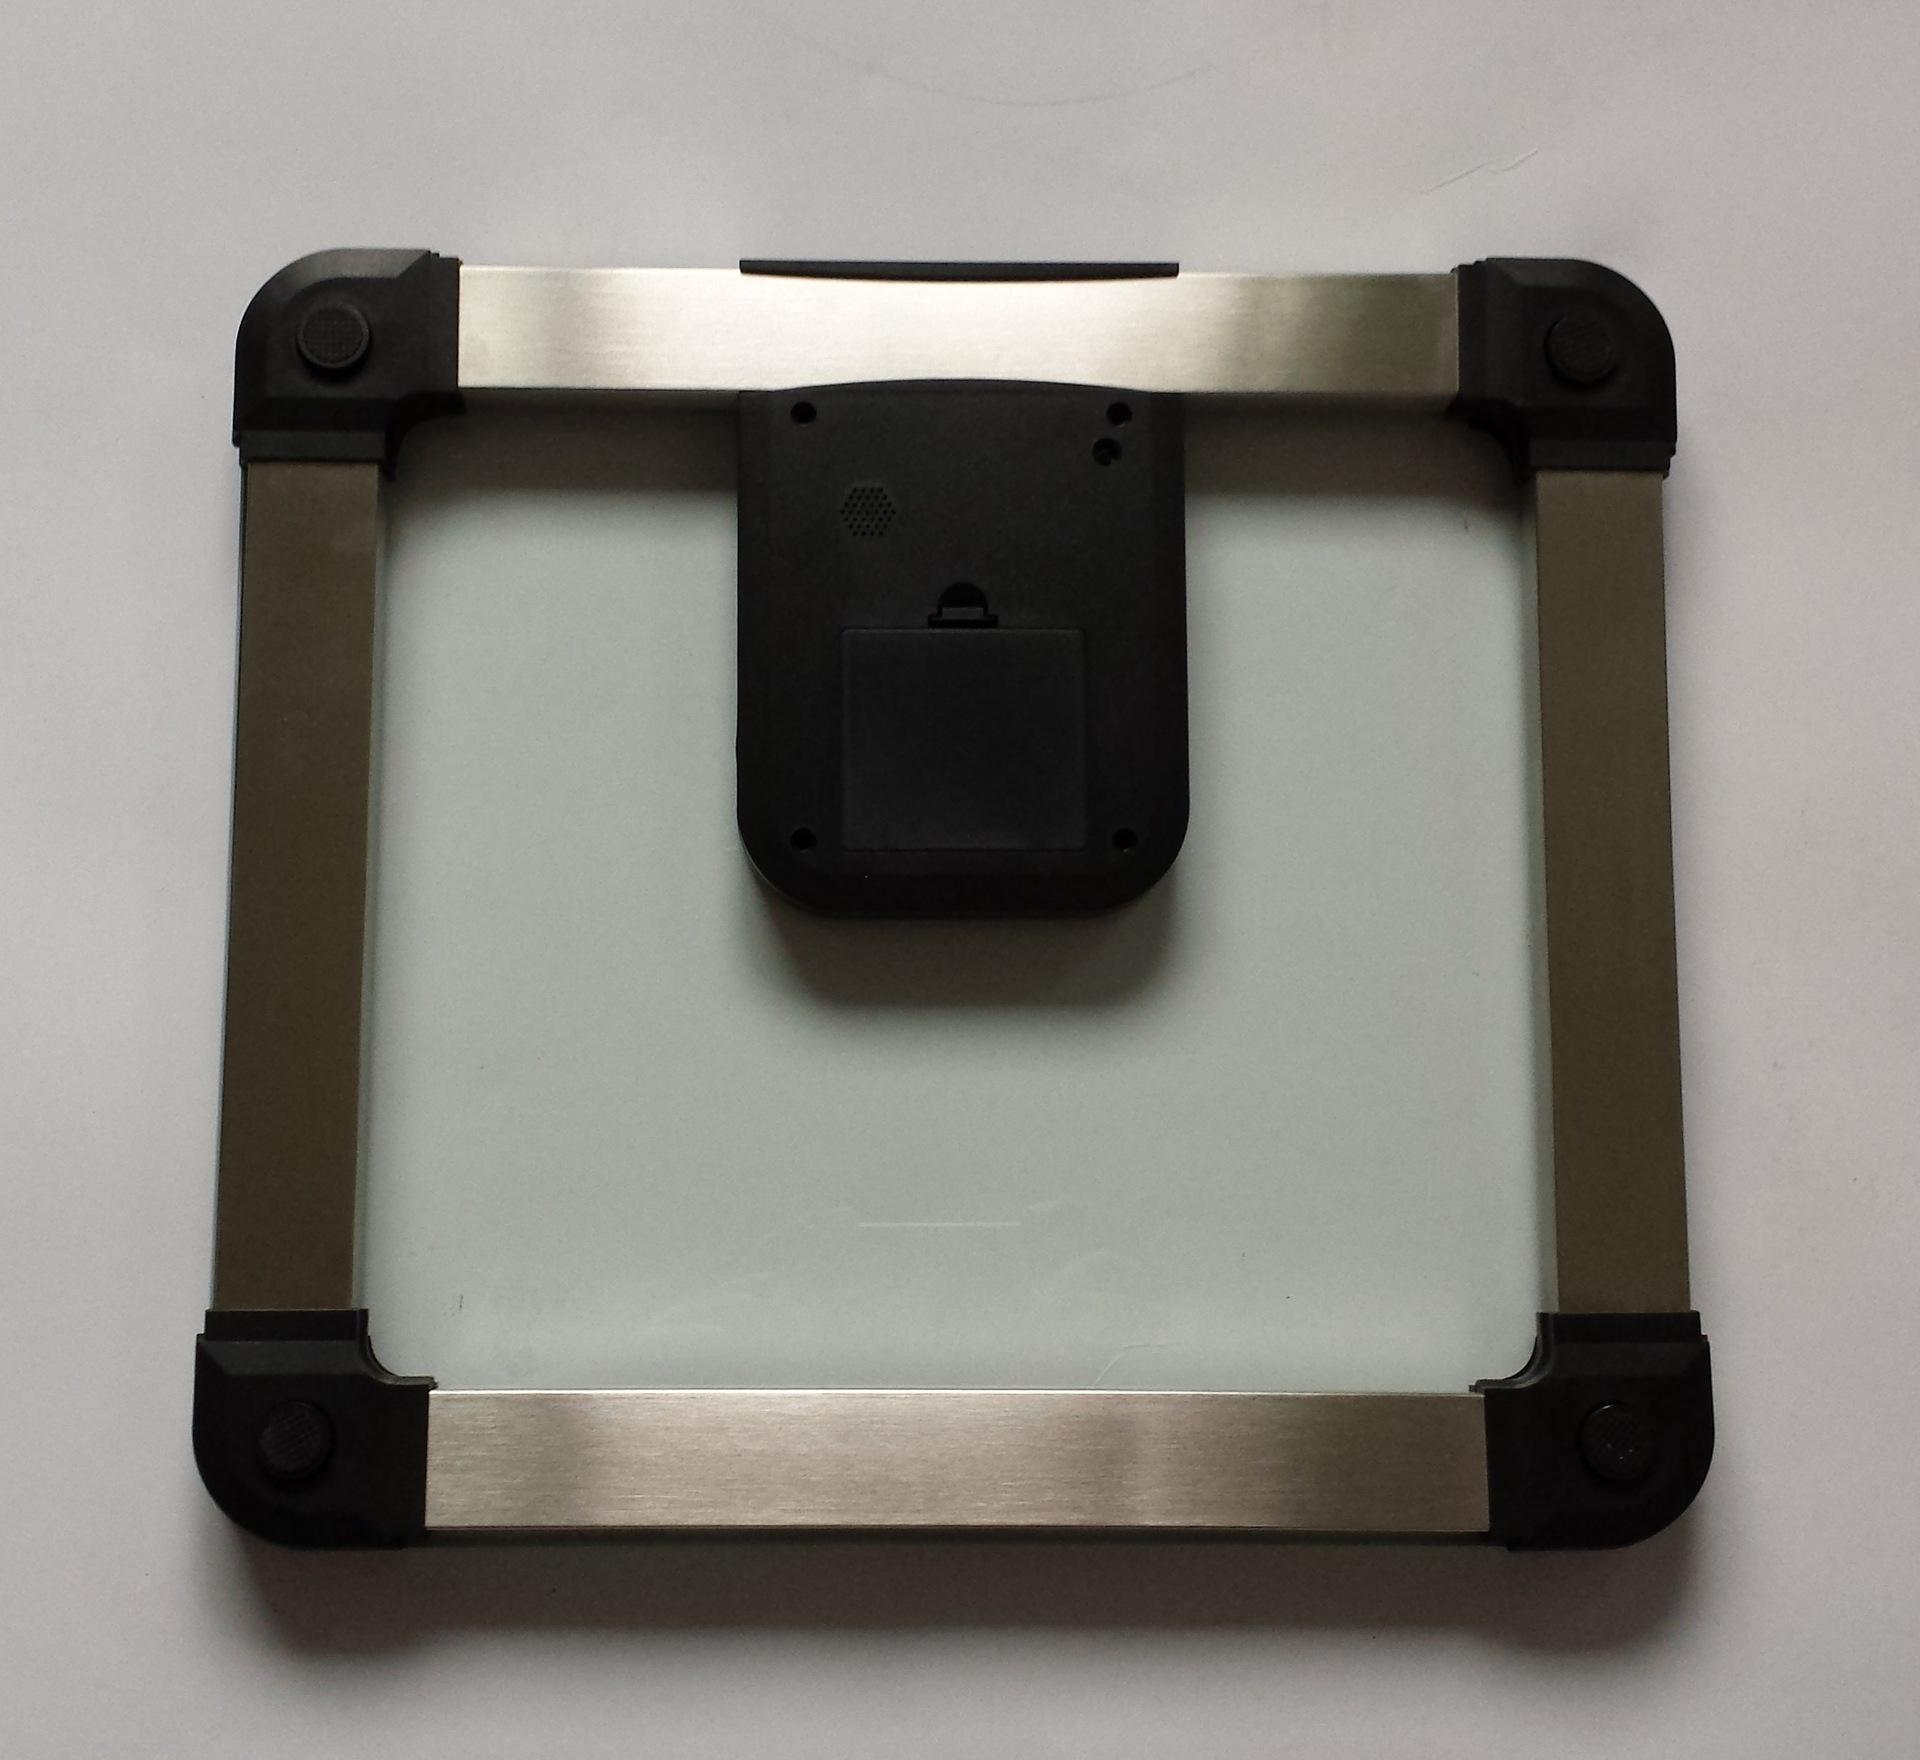 厂家直销超厚超大尺寸不锈钢材质语音人体电子称精准(中文报数)